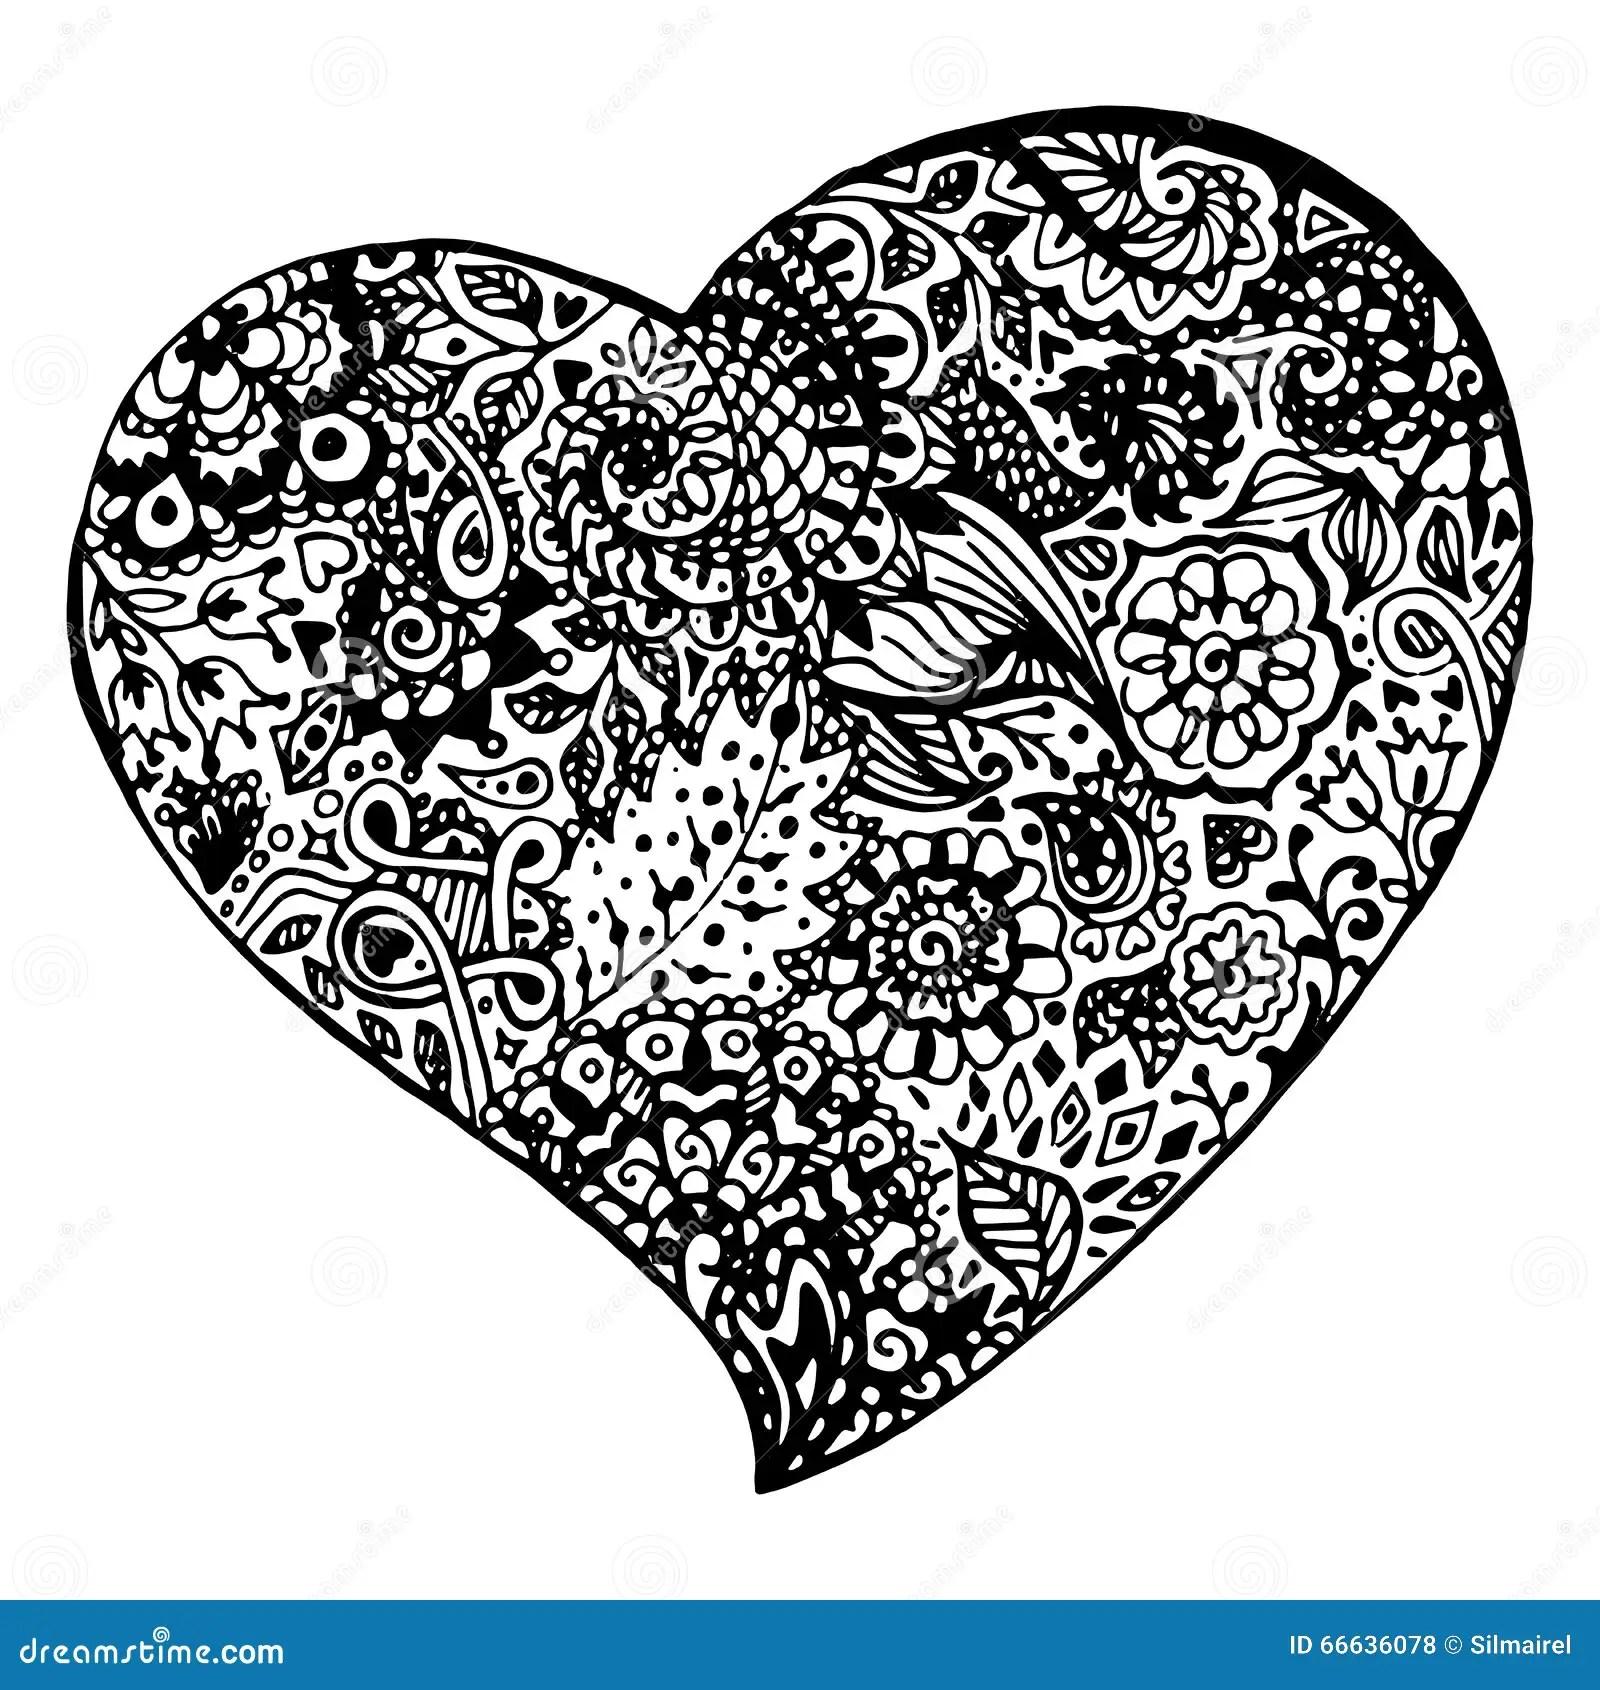 Zentangle Doodle Black Heart Ink Hand Drawn Vector